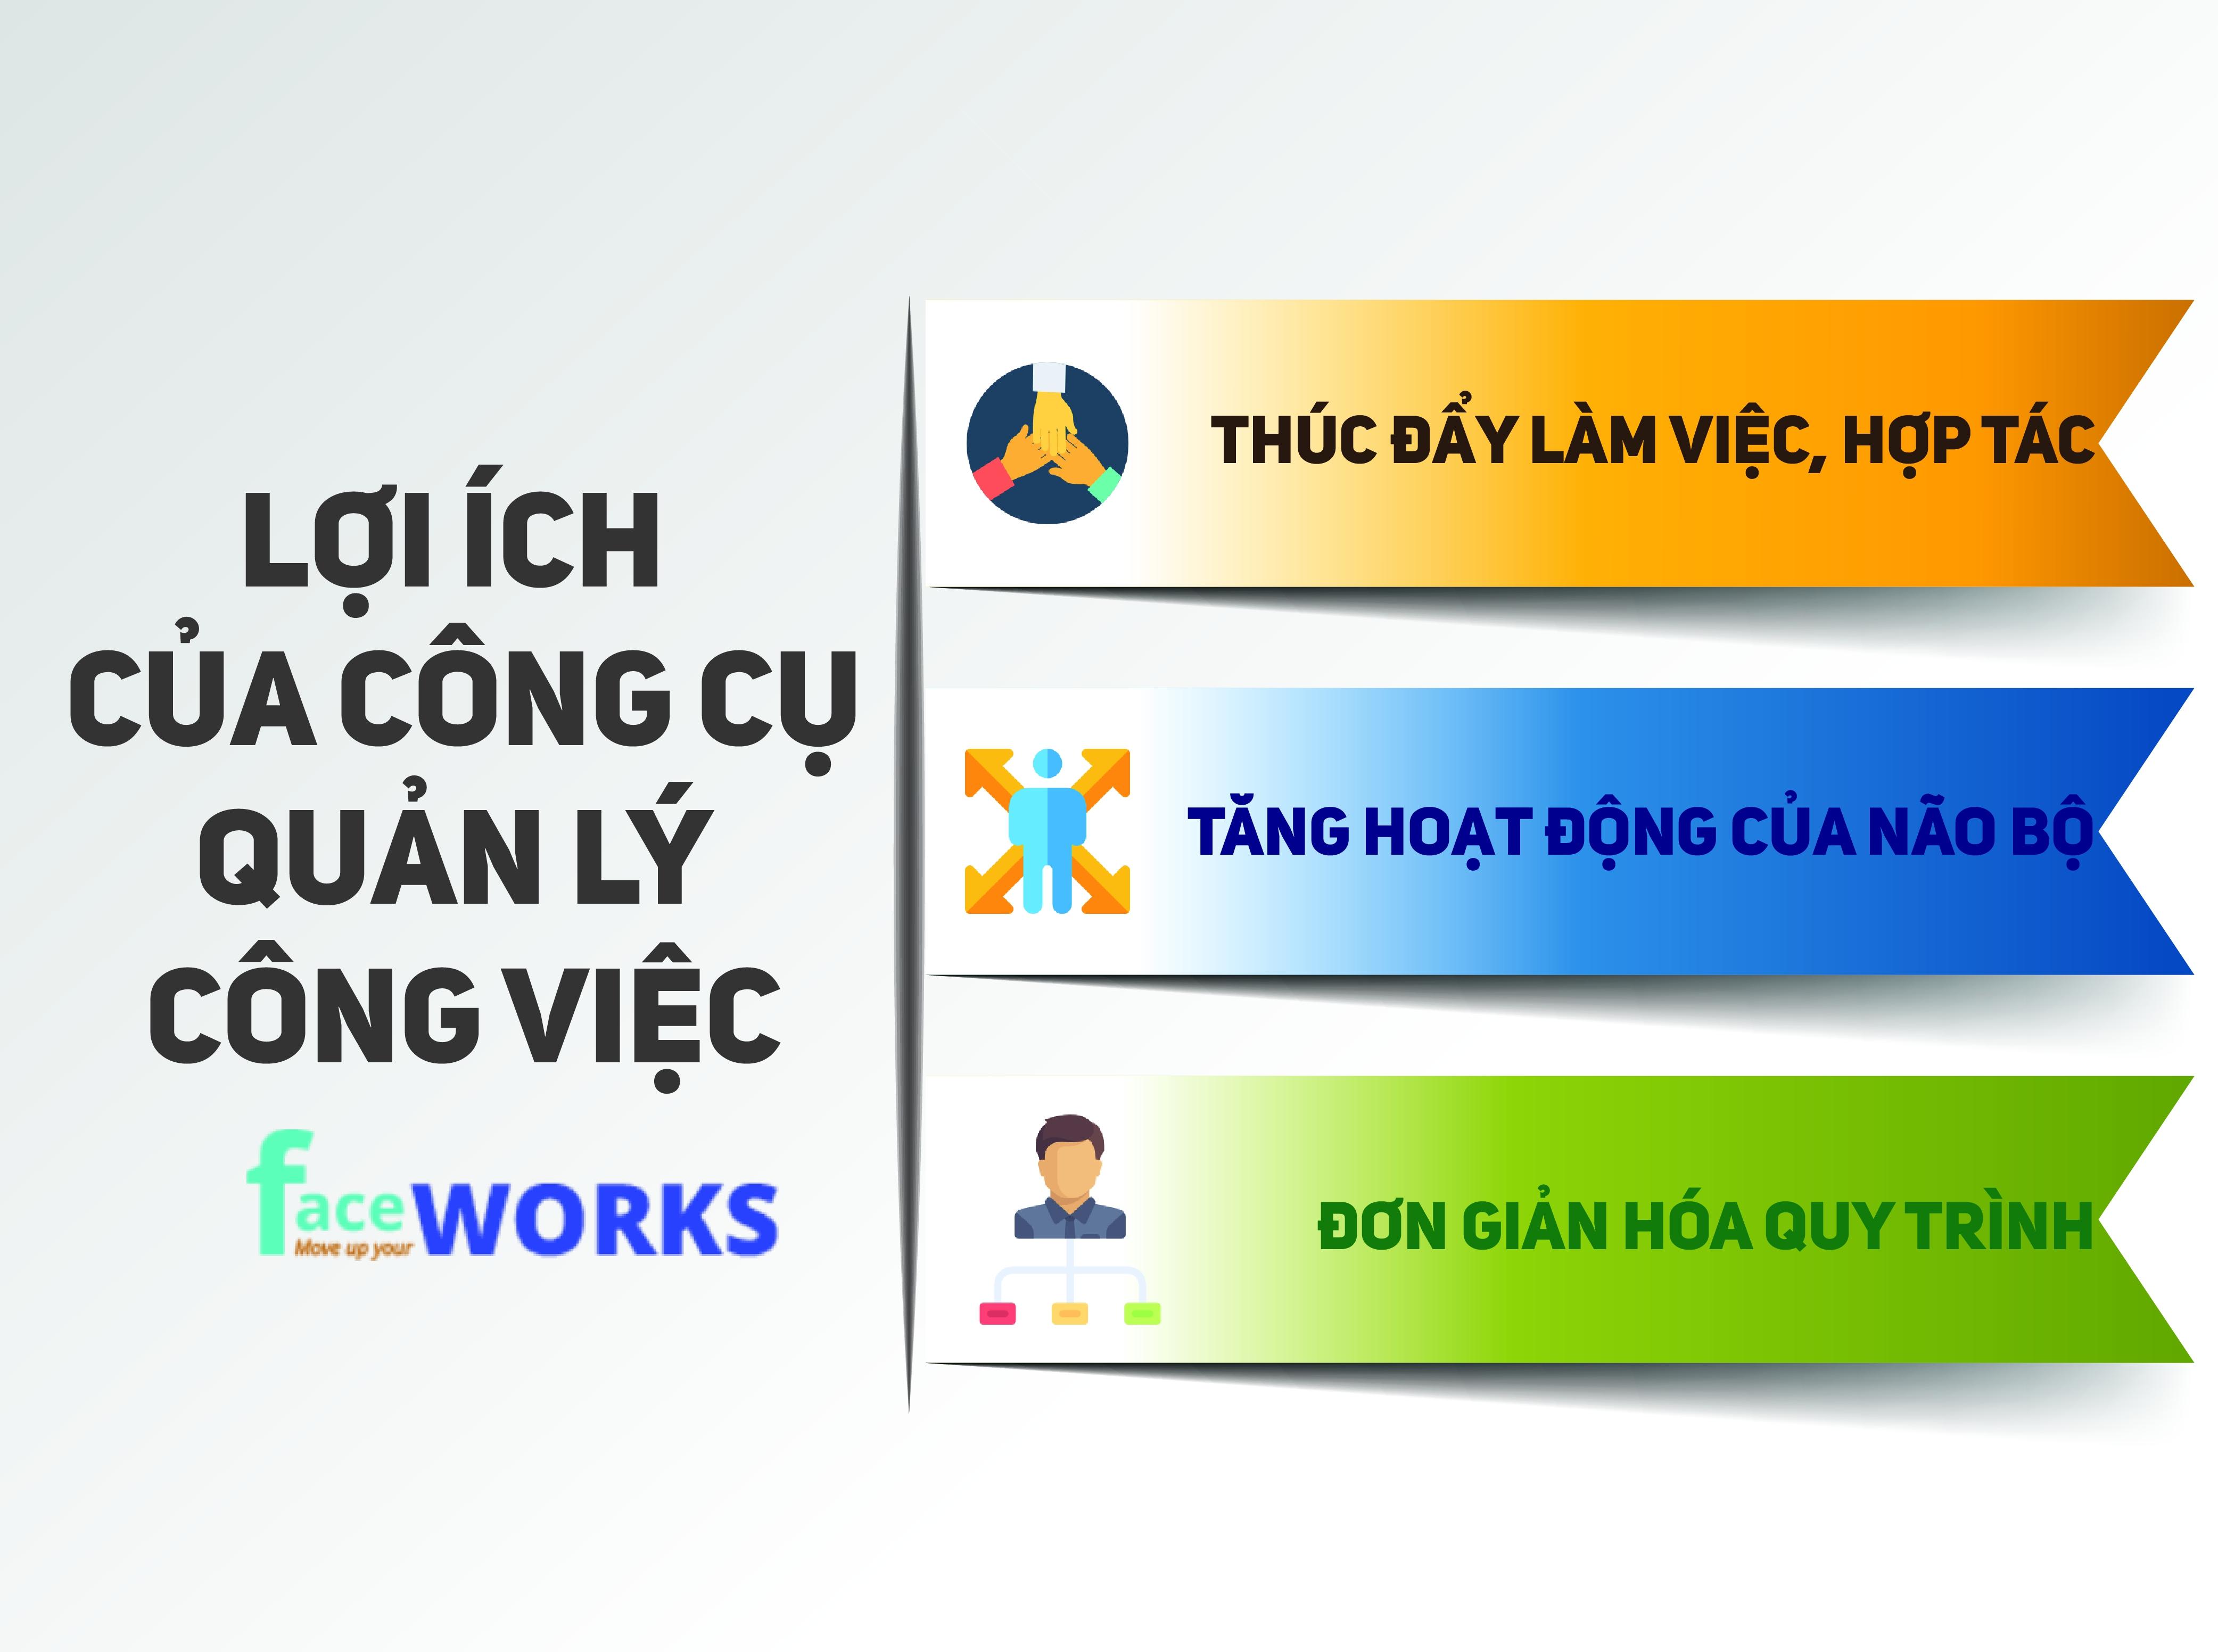 LOI ICH CONG CU QUAN LY CONG VIEC